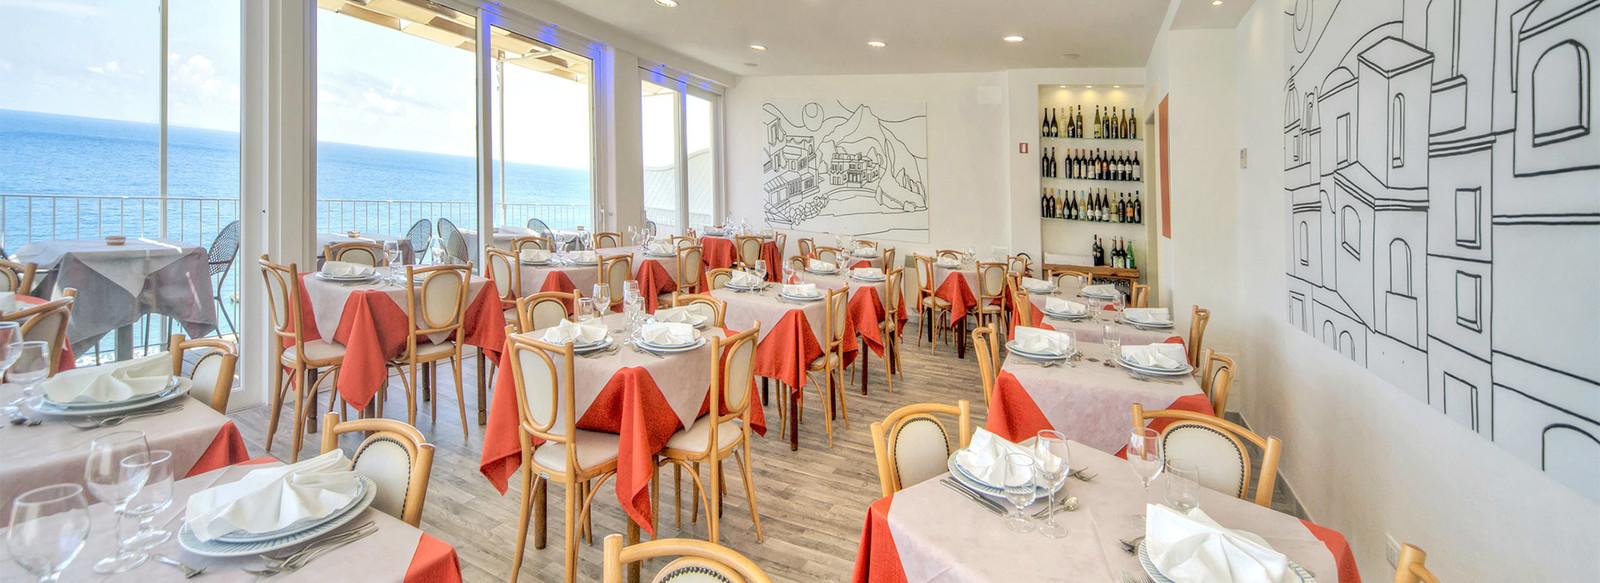 Hotel 3* con vista panoramica sul mare